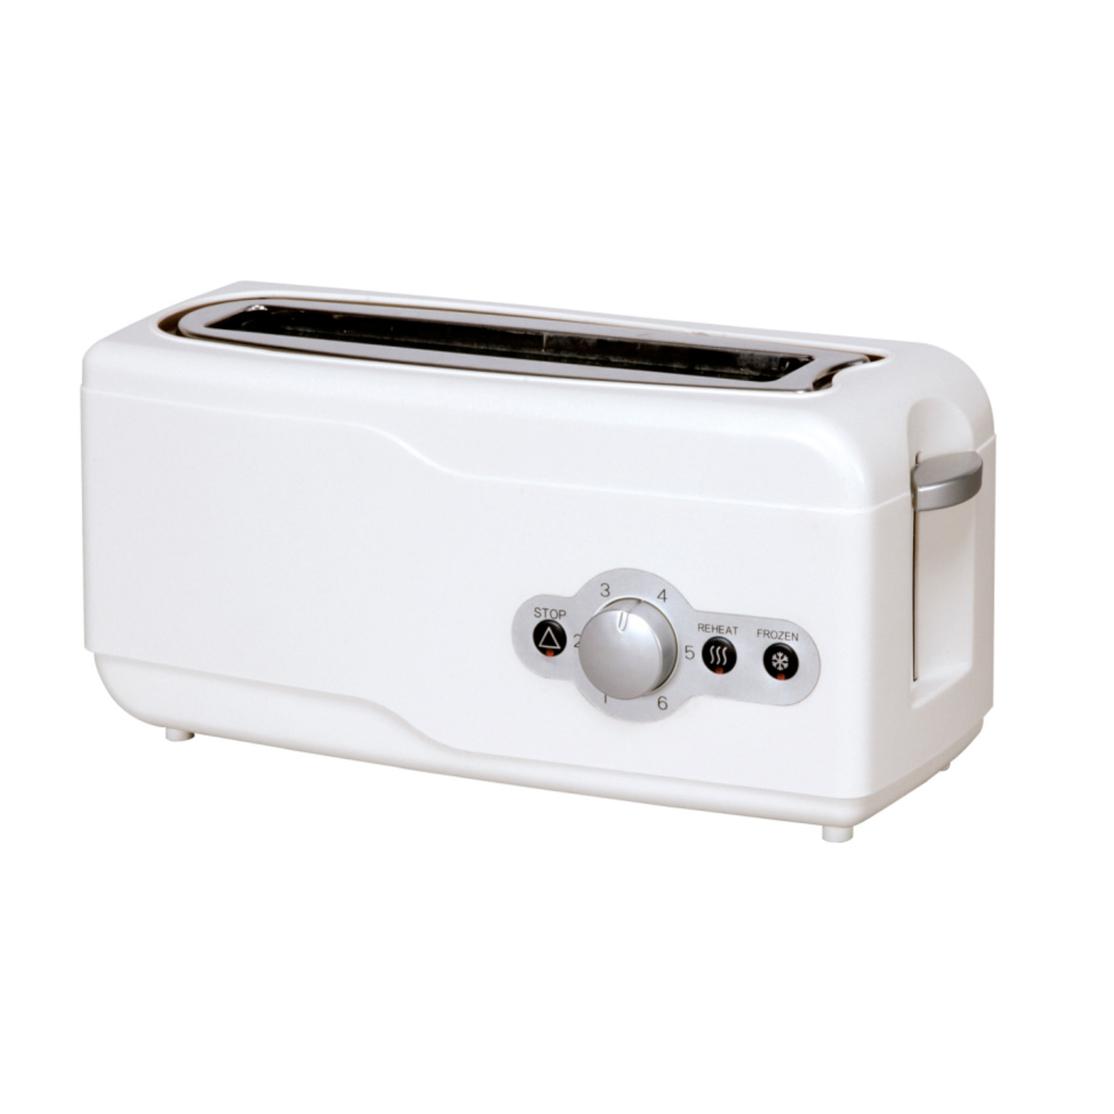 Tostador eléctrico We Houseware BN3353 ranura ancha XXL